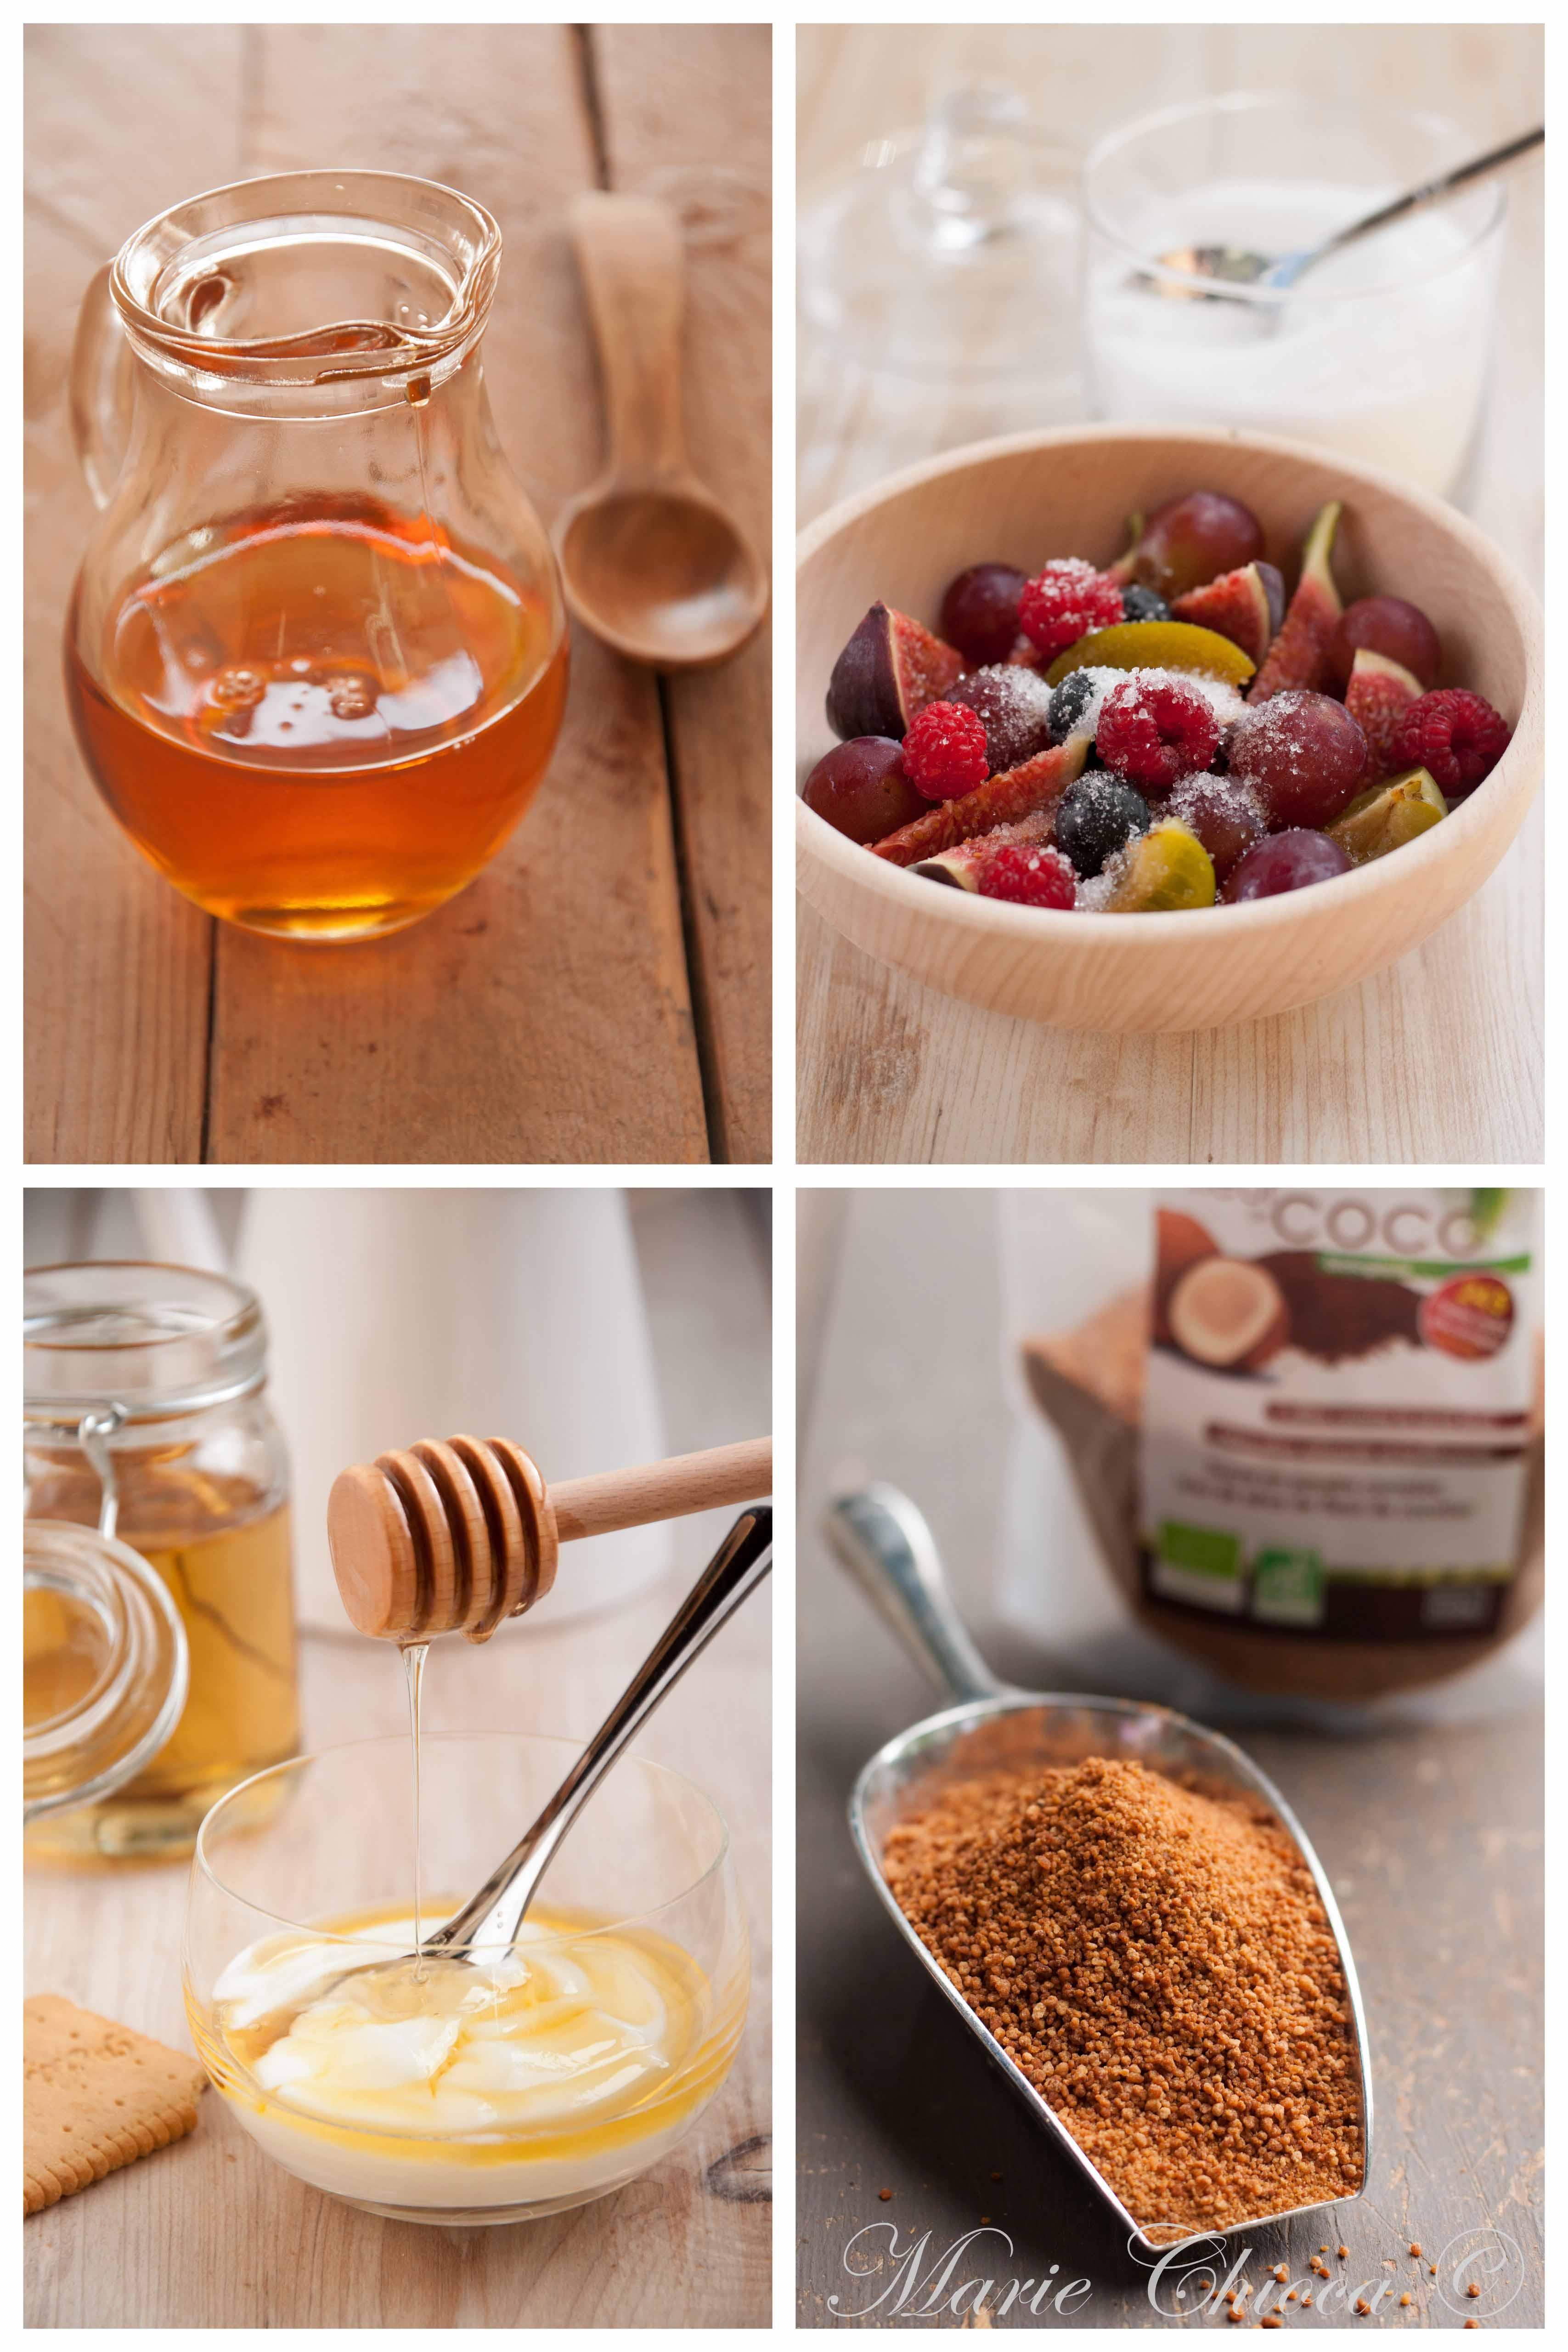 Le sirop d'agave, le sucre de bouleau, le miel d'acacia et le sucre de coco, 4 alternatives possibles pour remplacer le sucre dans un dessert